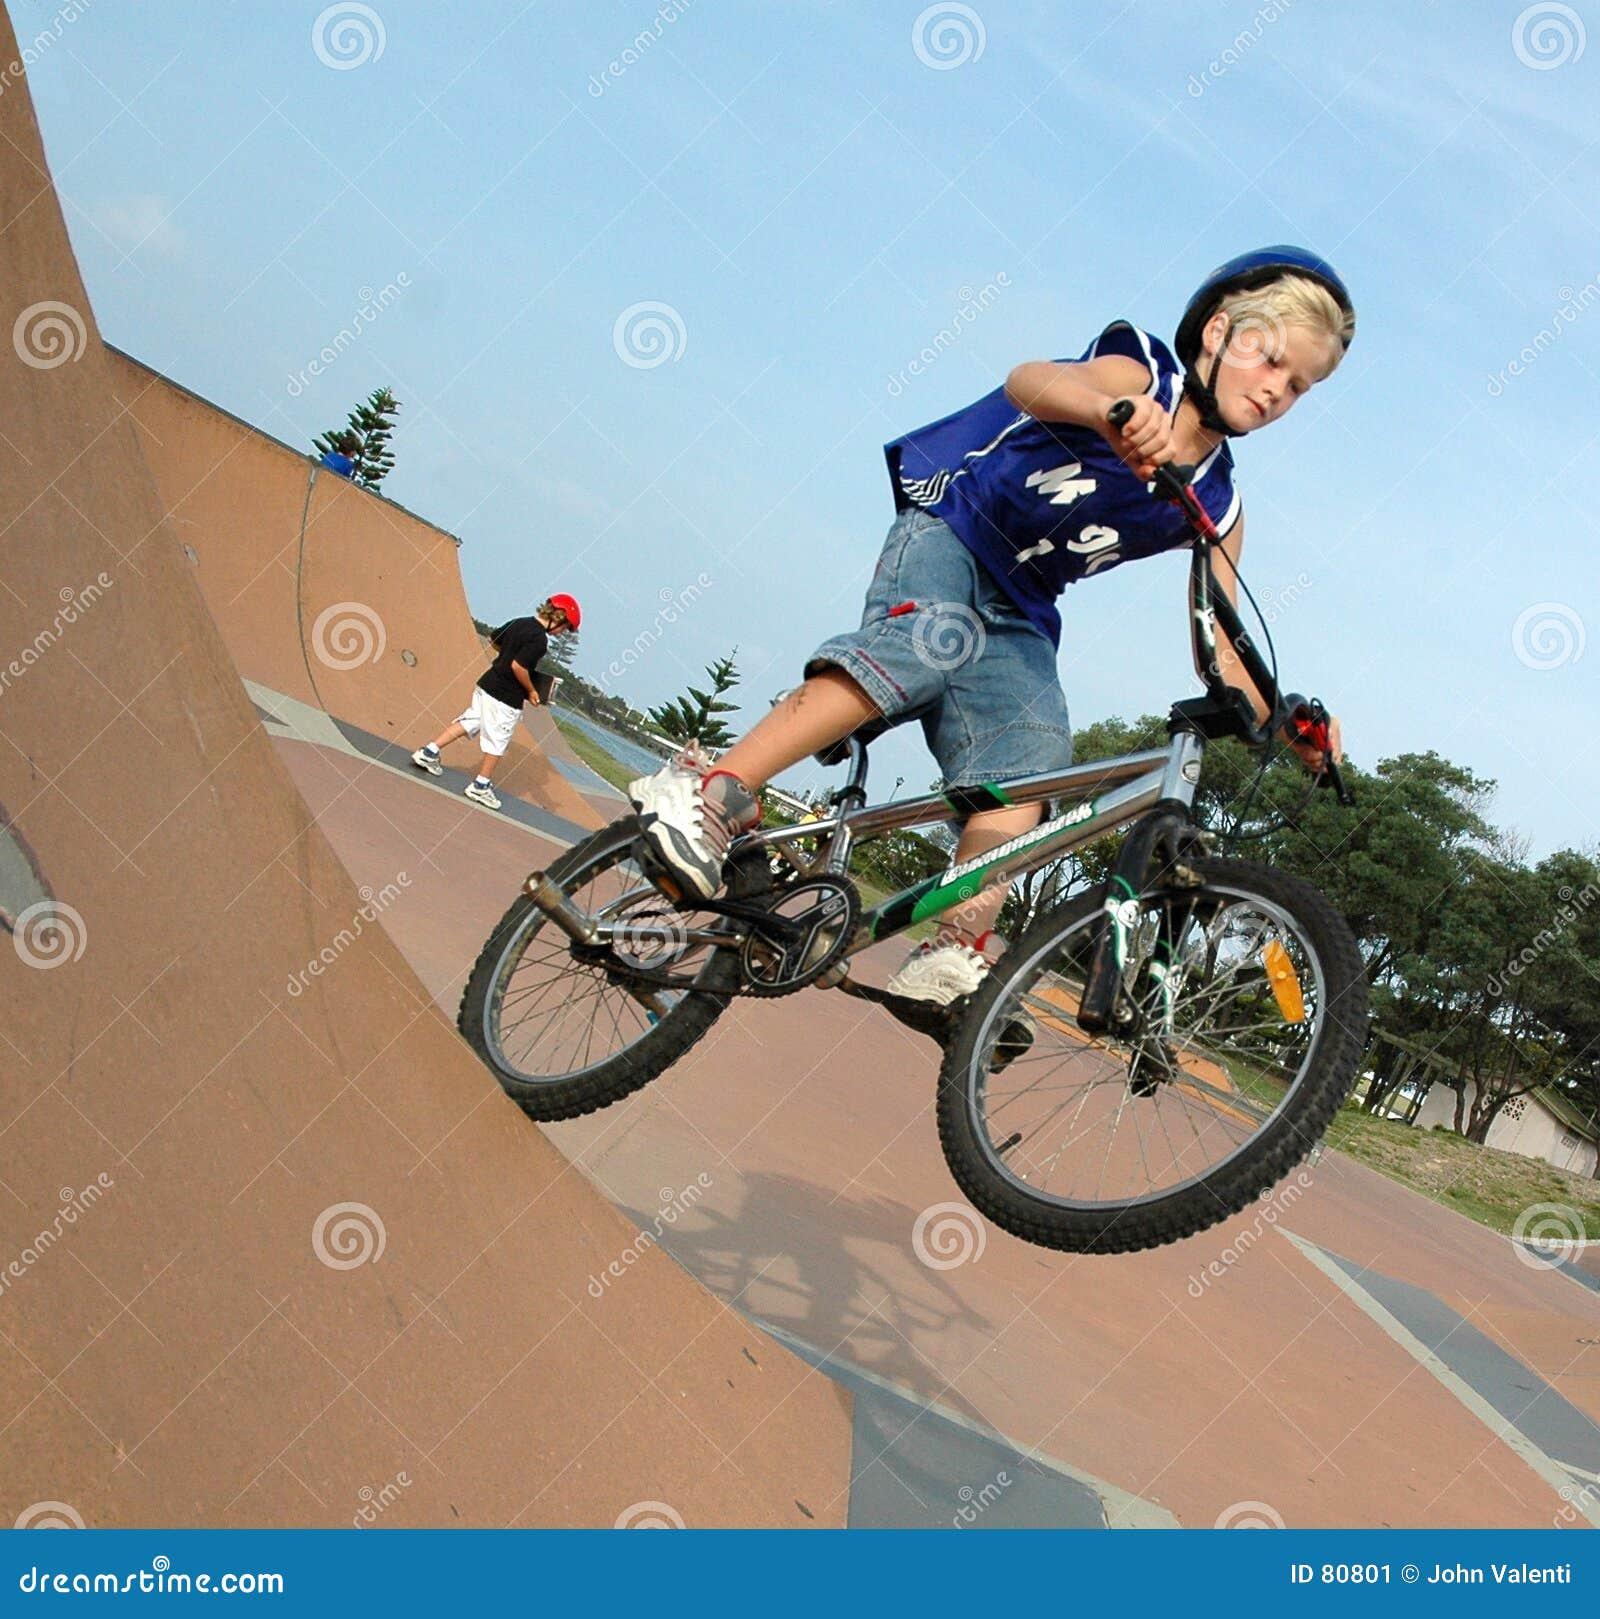 骑自行车的人bmx